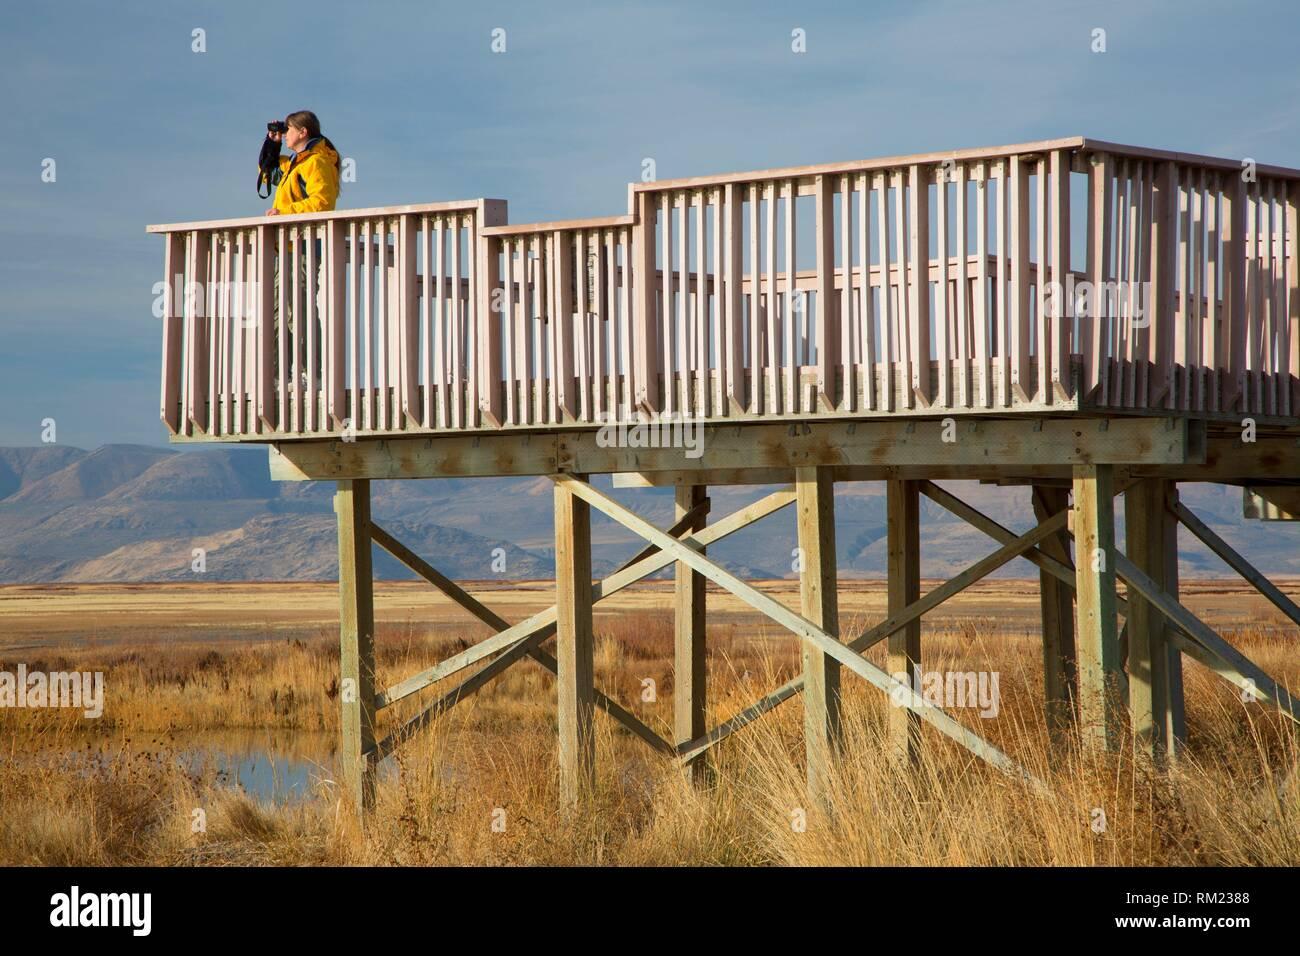 Birding from observation deck, Bear River Migratory Bird Refuge, Utah. - Stock Image